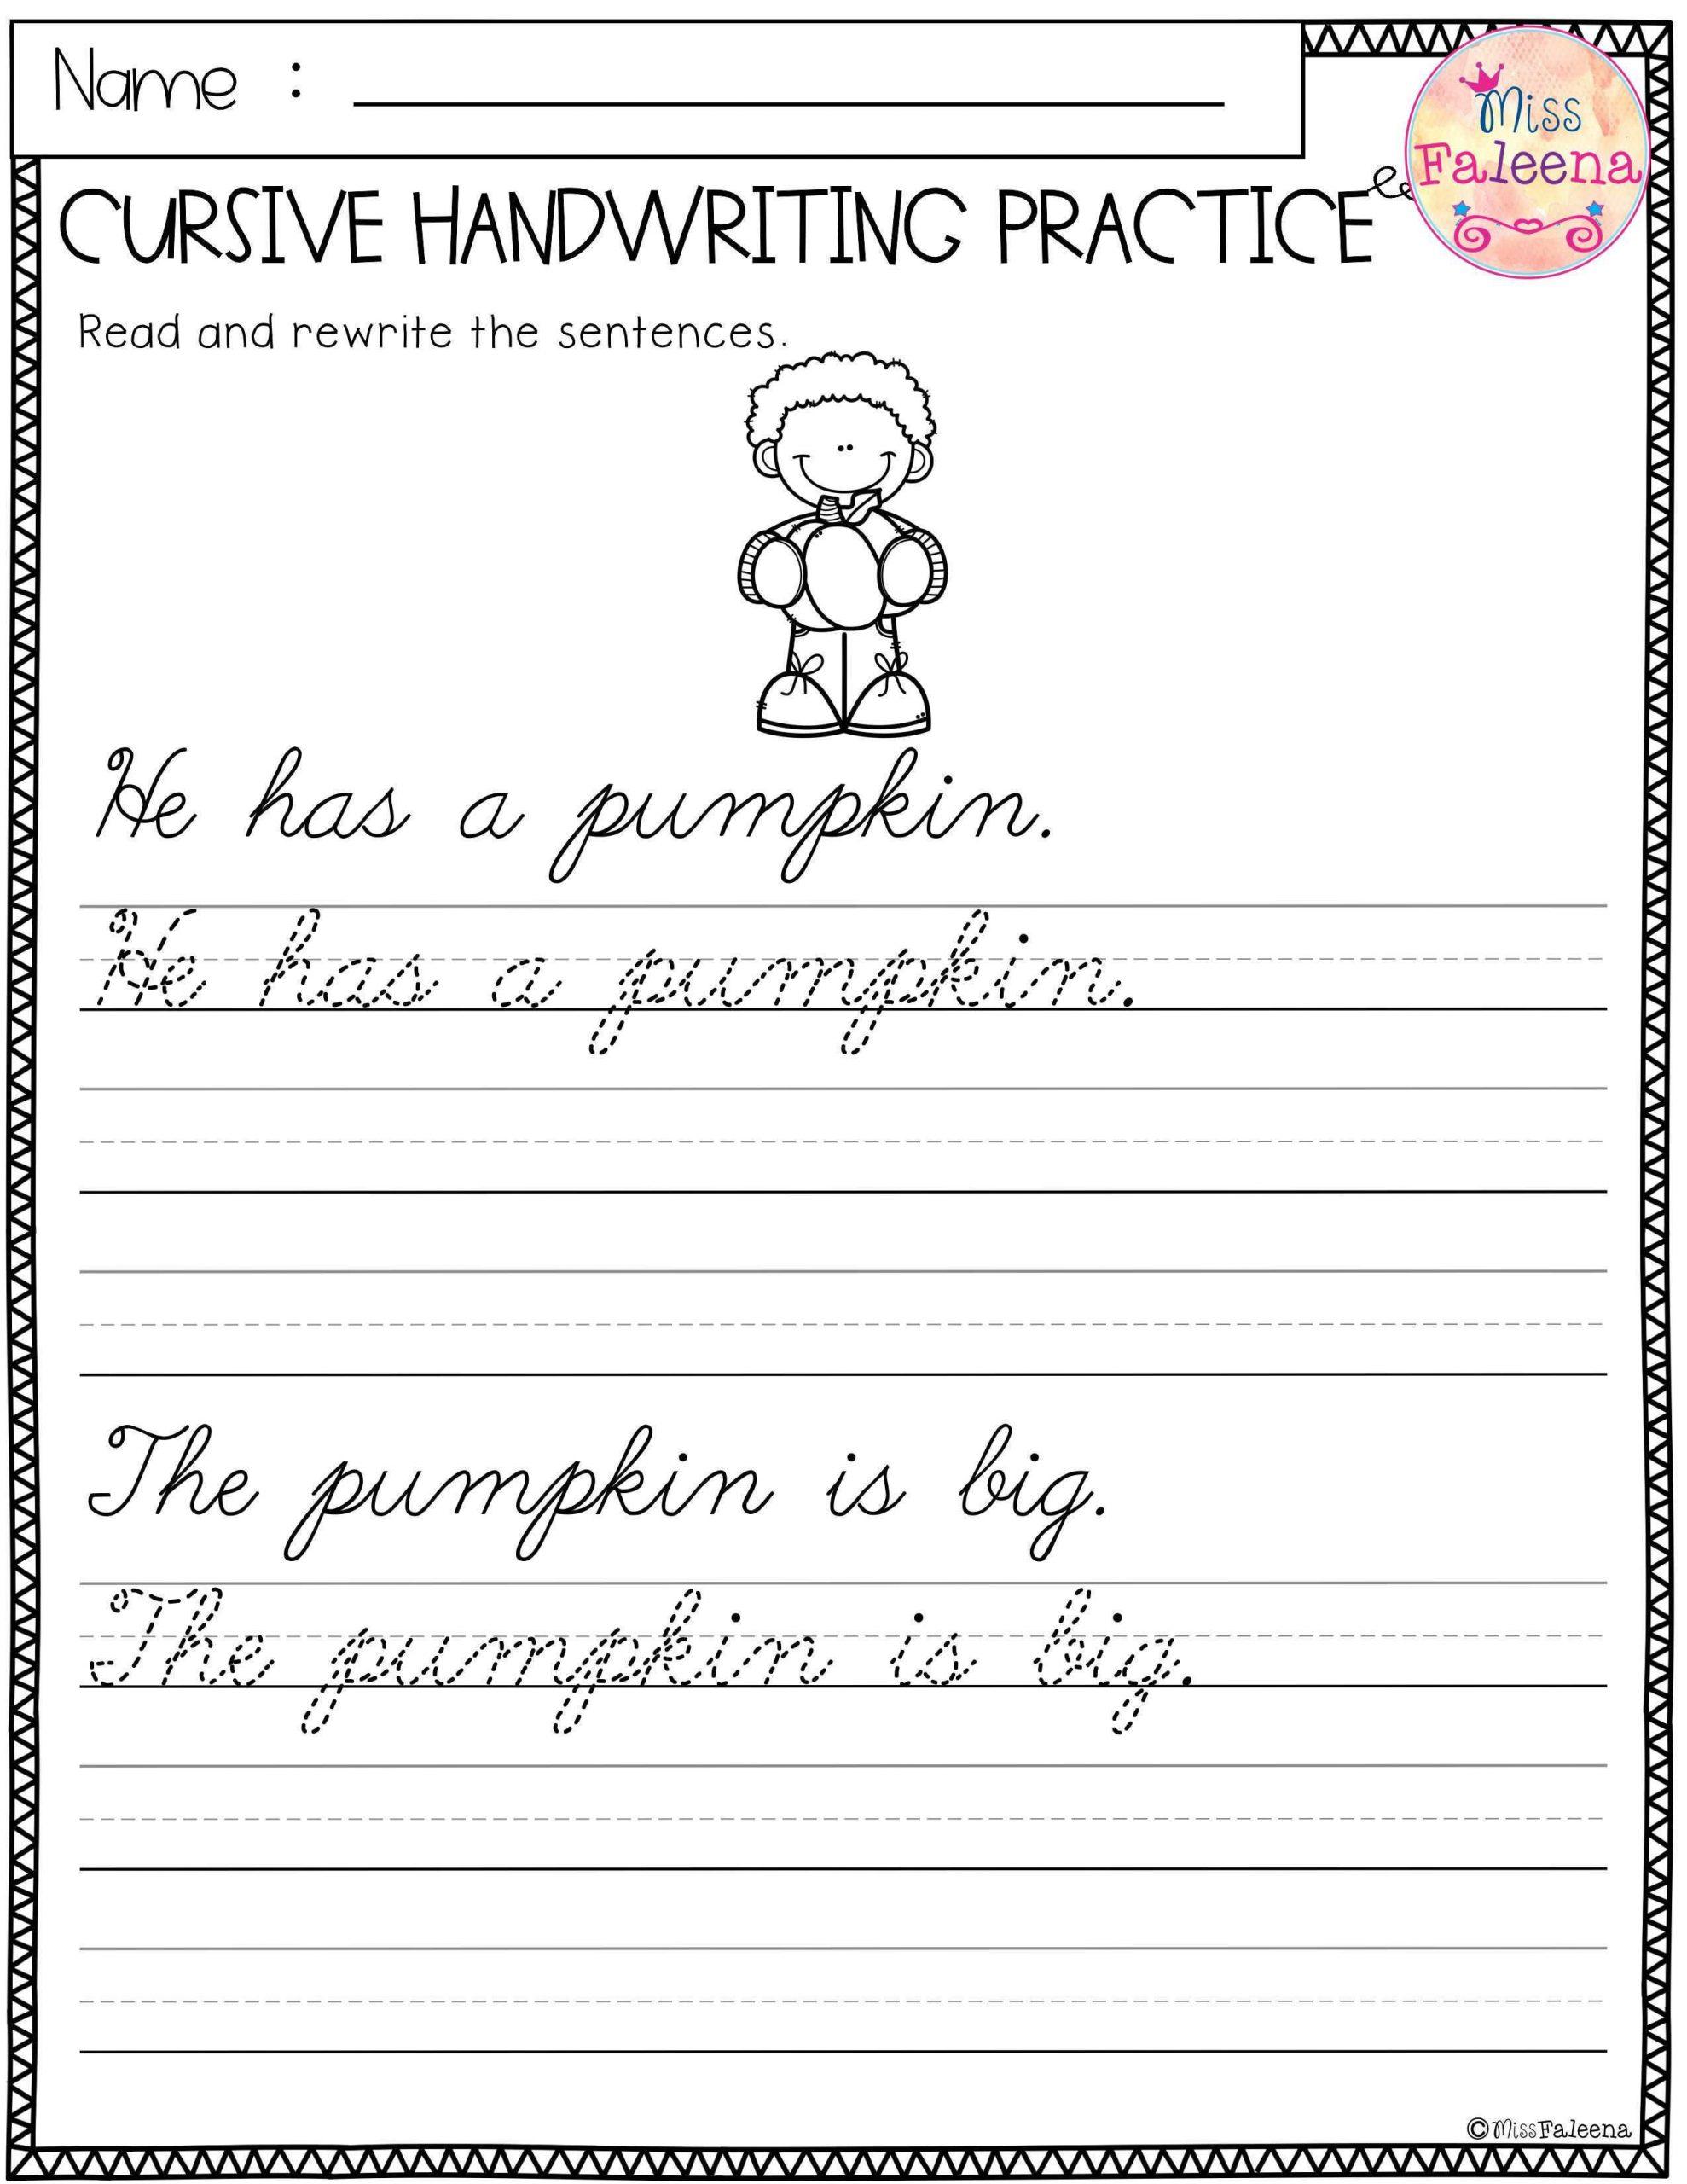 Third Grade Writing Worksheet Free Cursive Handwriting Practice